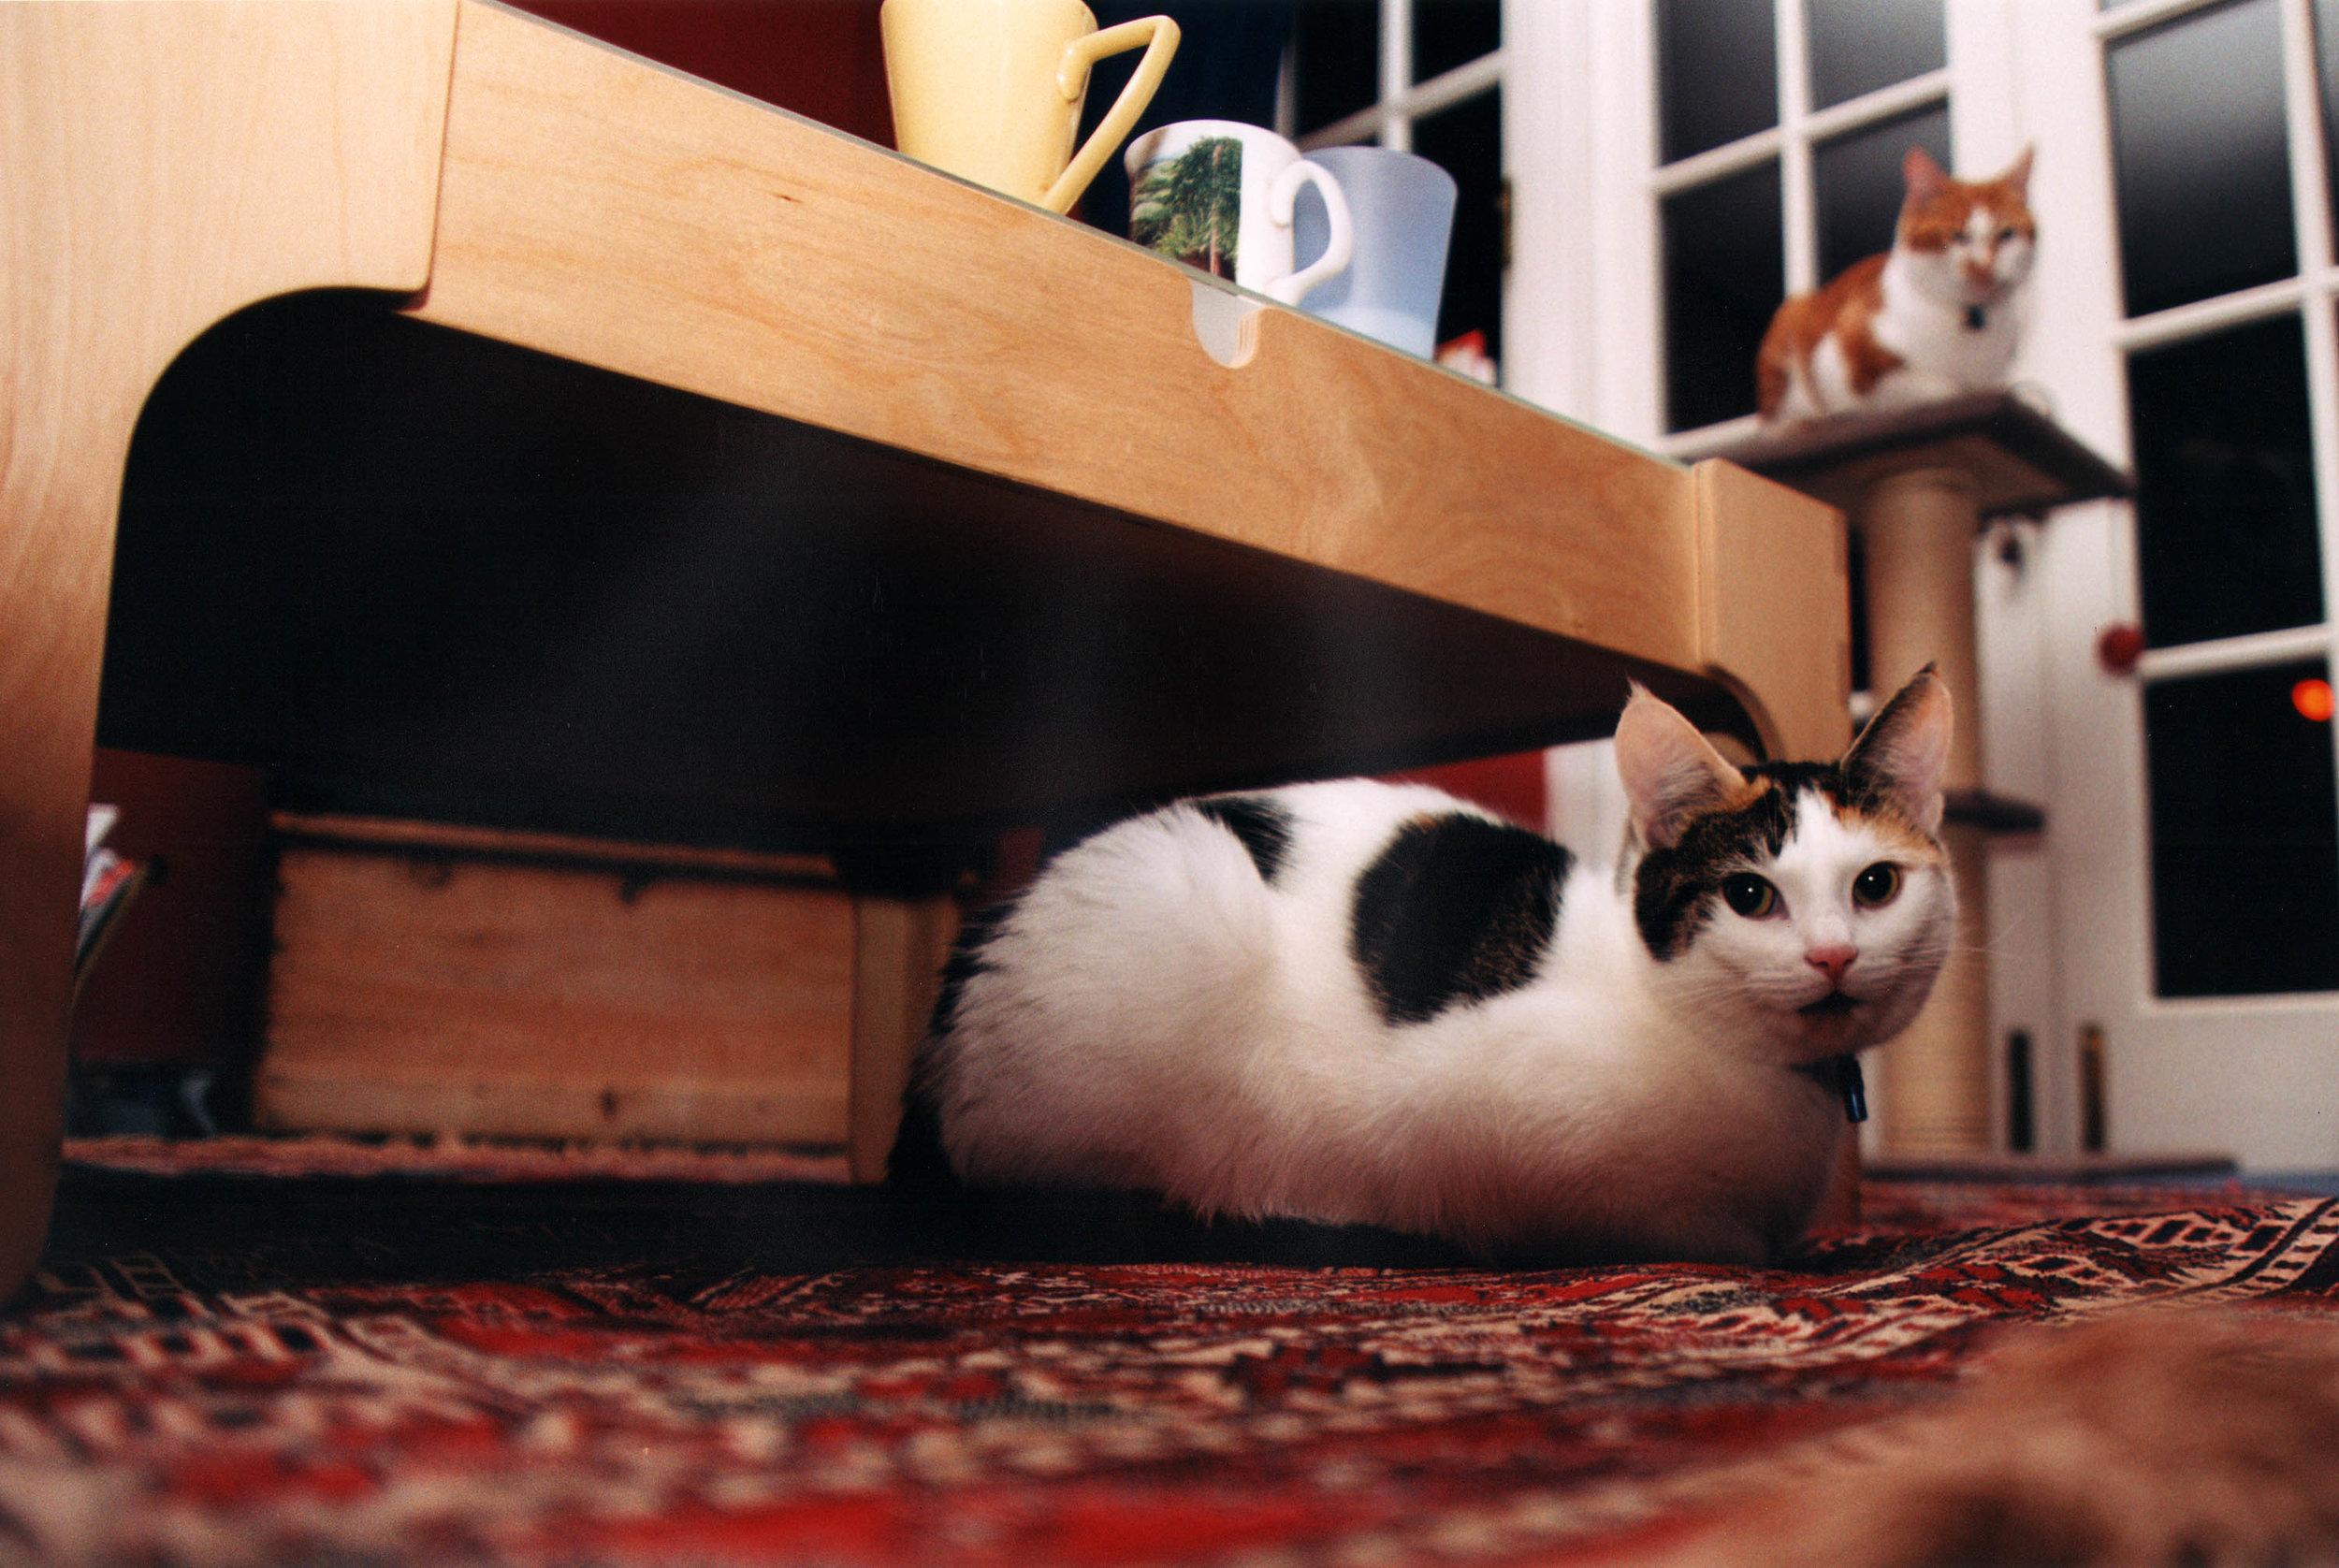 Cats 001_3000px-60.jpg